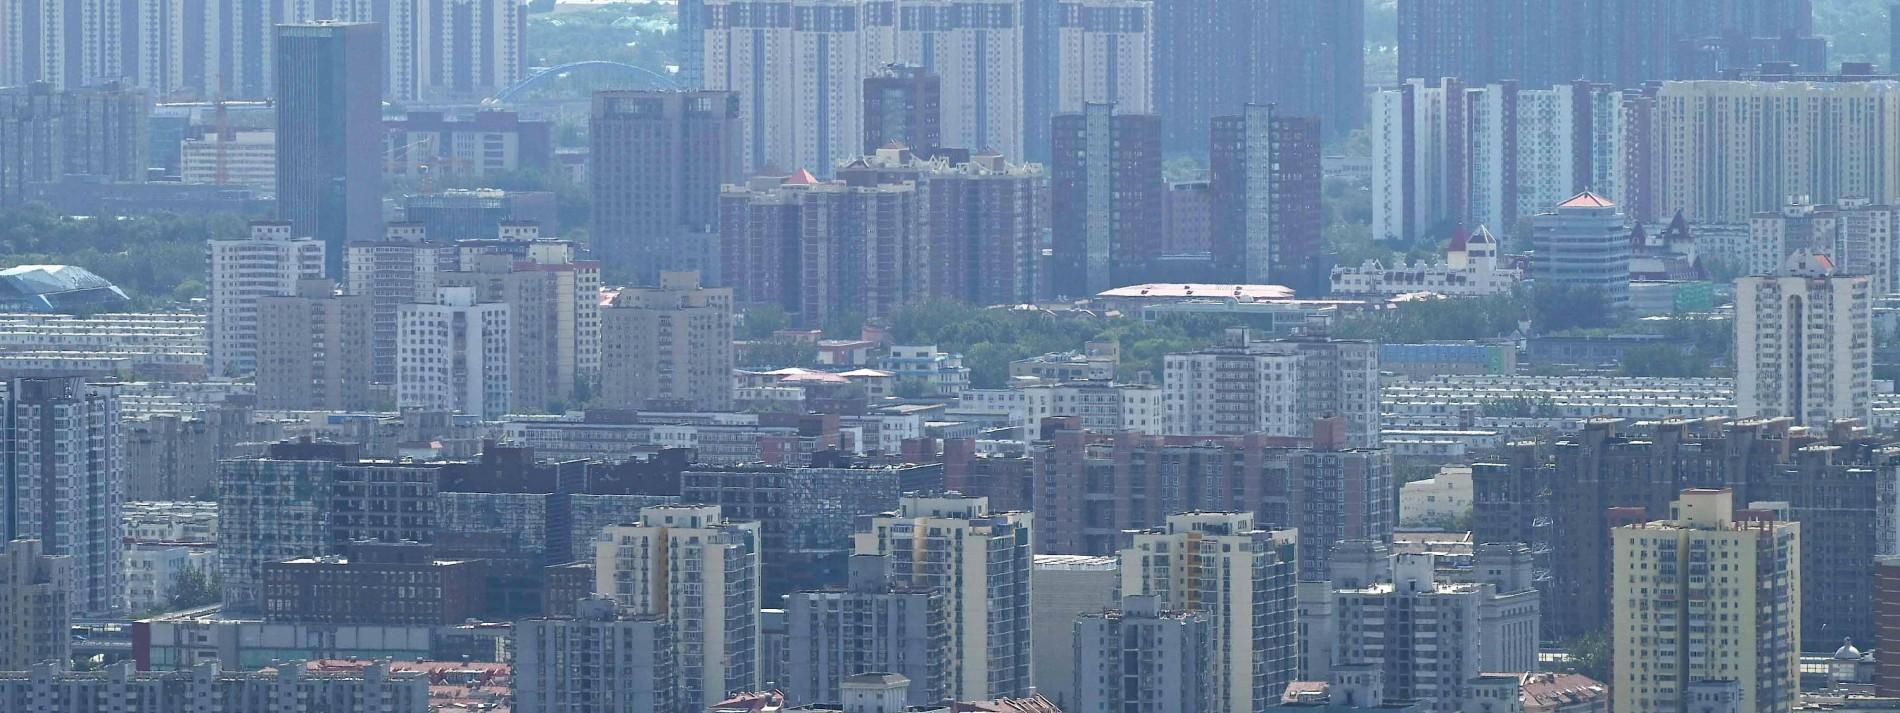 Krise bei Evergrande in China verschärft sich